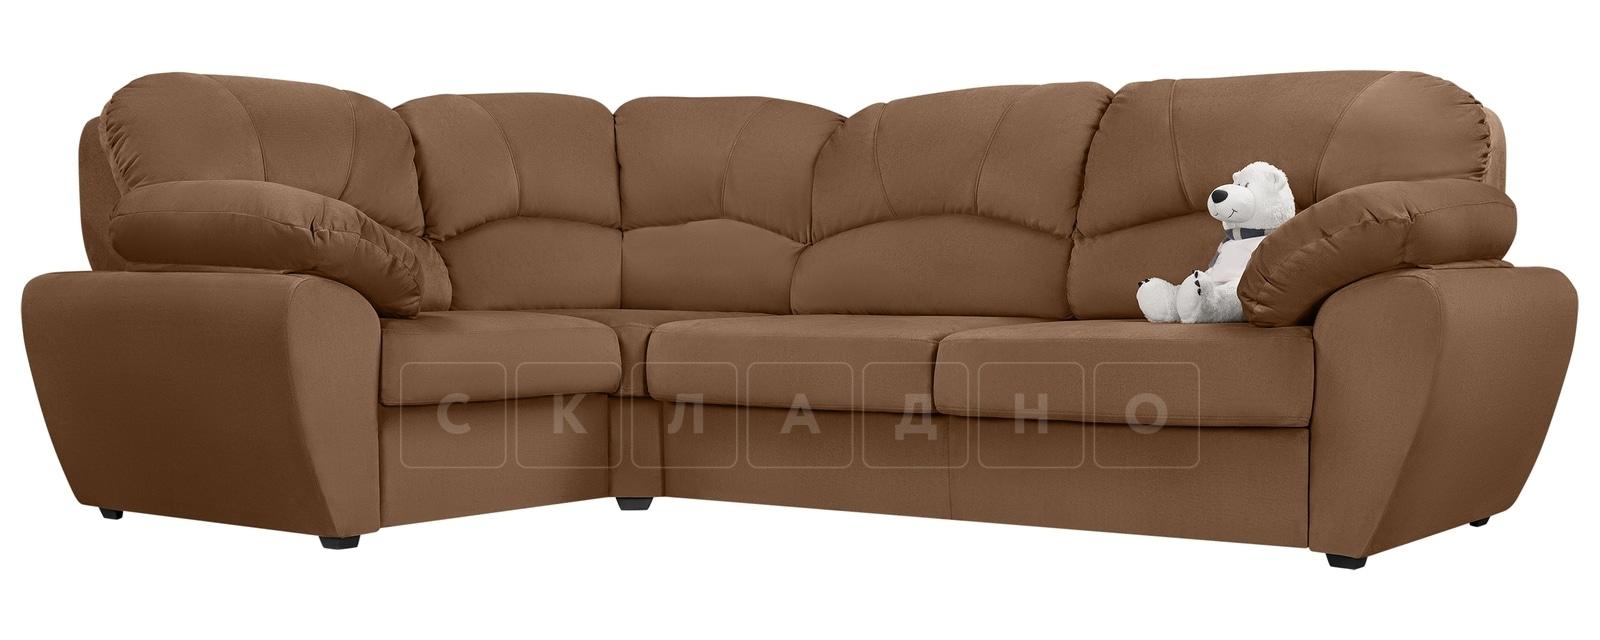 Угловой диван Эвита велюр коричневый левый угол фото 1 | интернет-магазин Складно